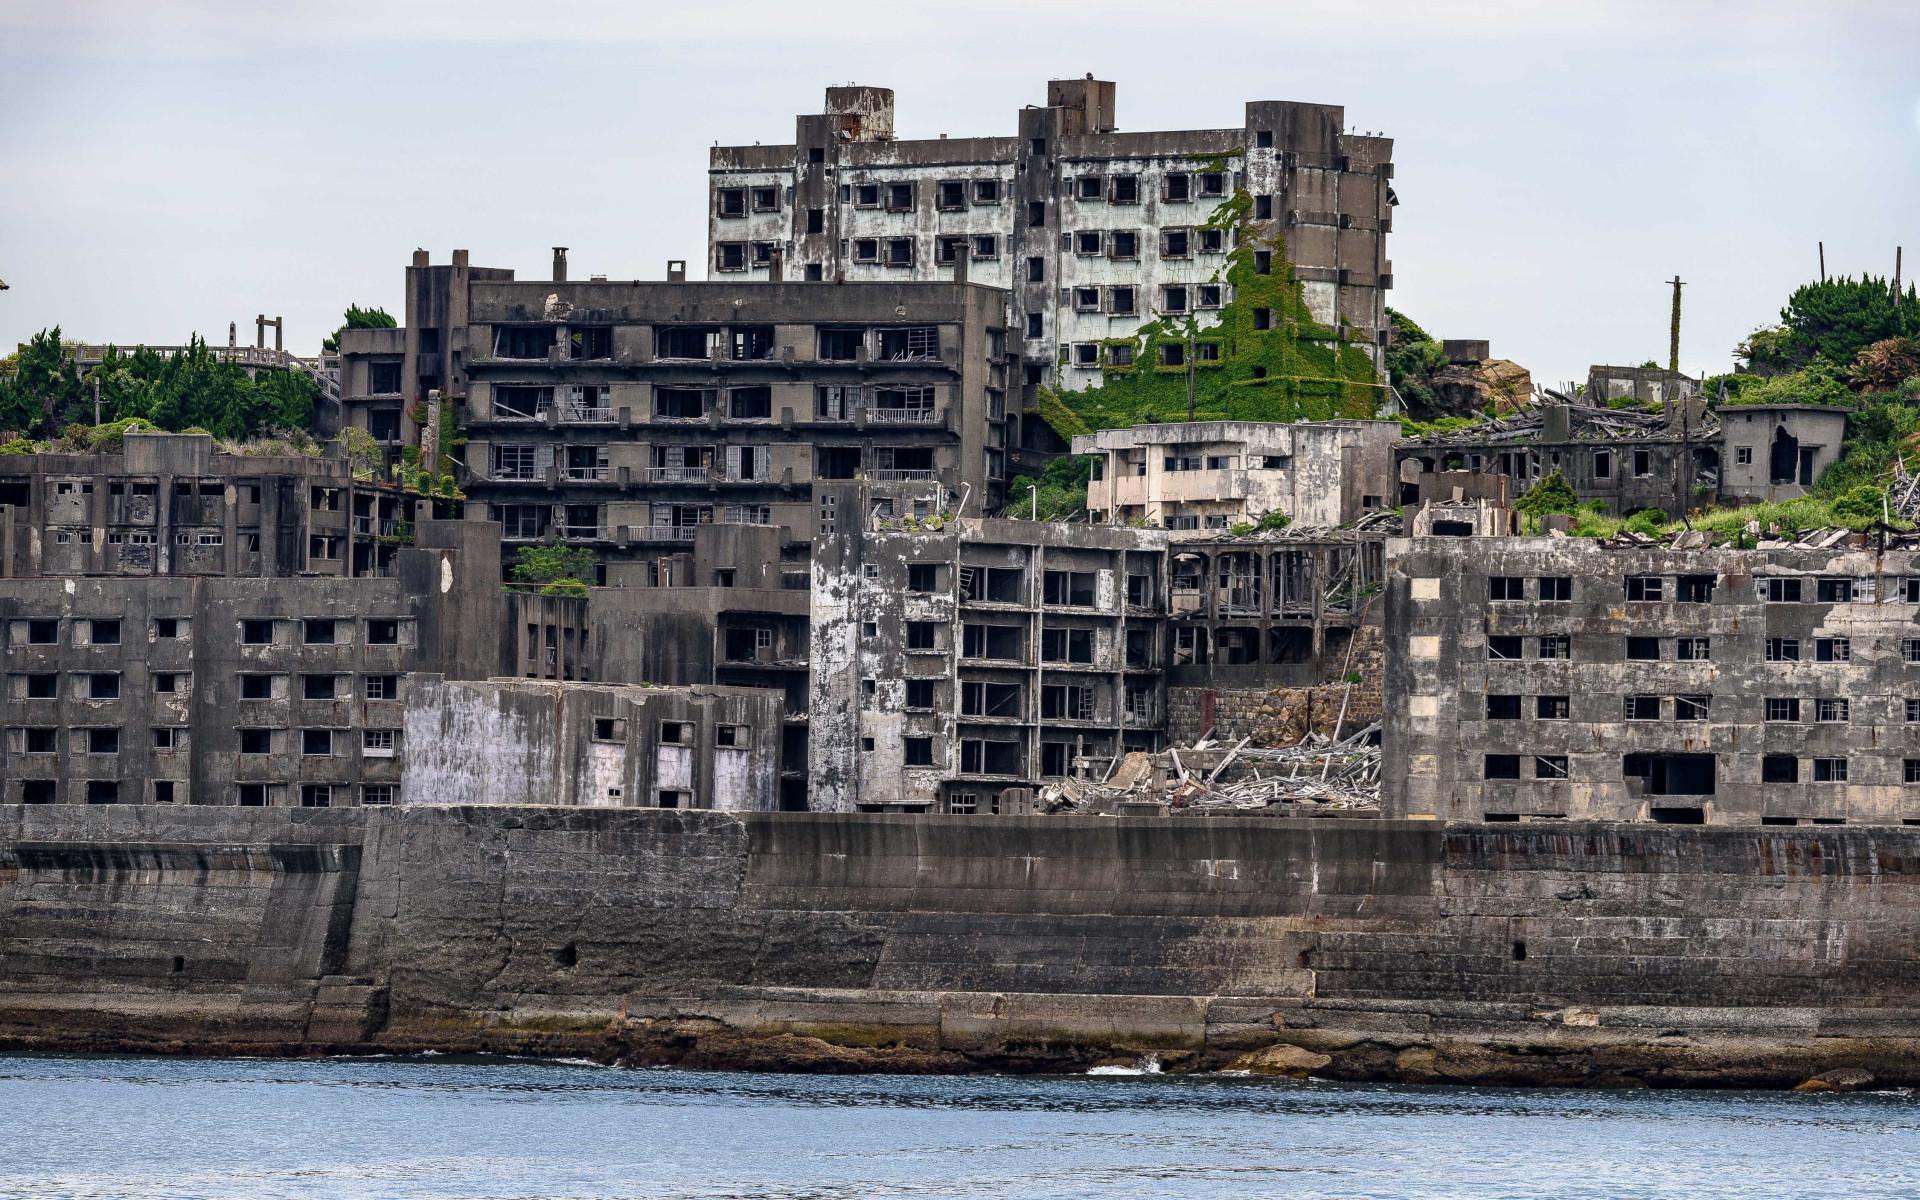 Será esta a localização mais assustadora do Japão?